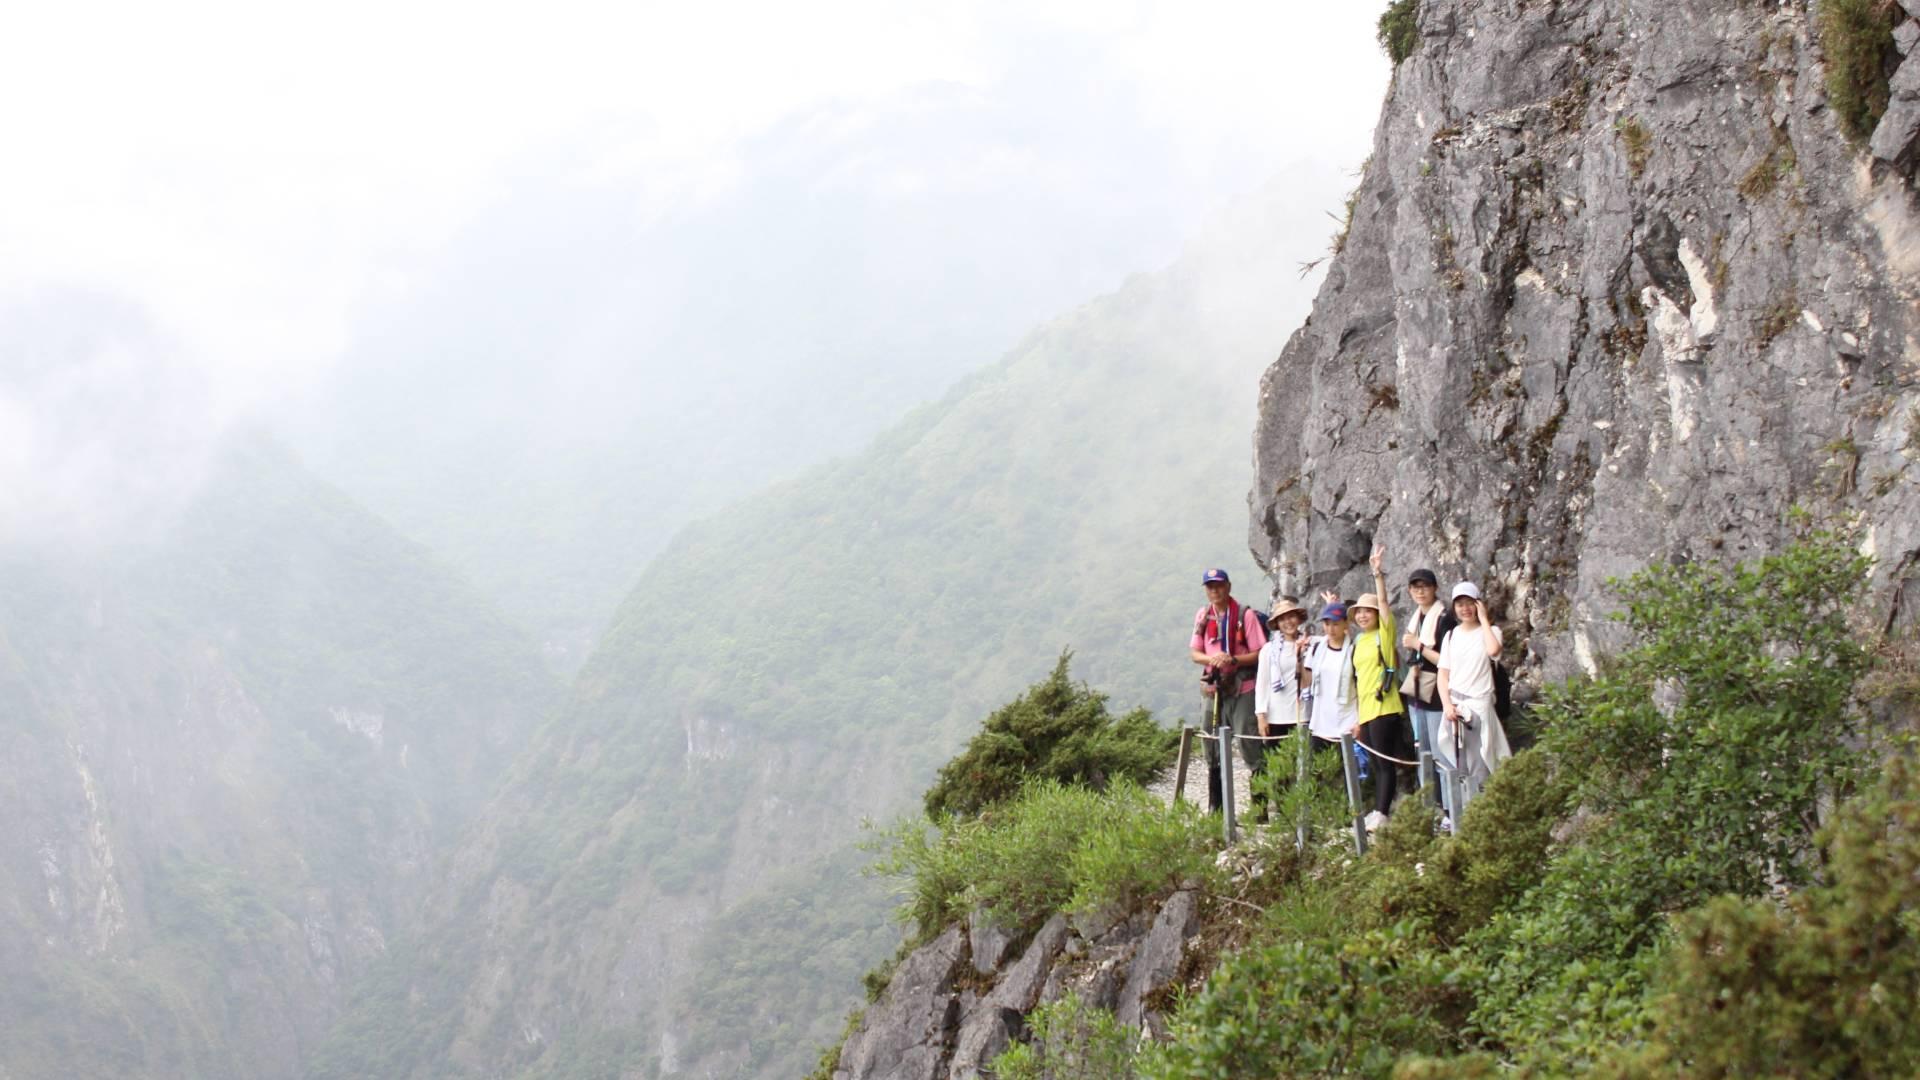 【台灣旅遊景點推薦】特有的山海美景,夏日消暑你一定要這樣玩!